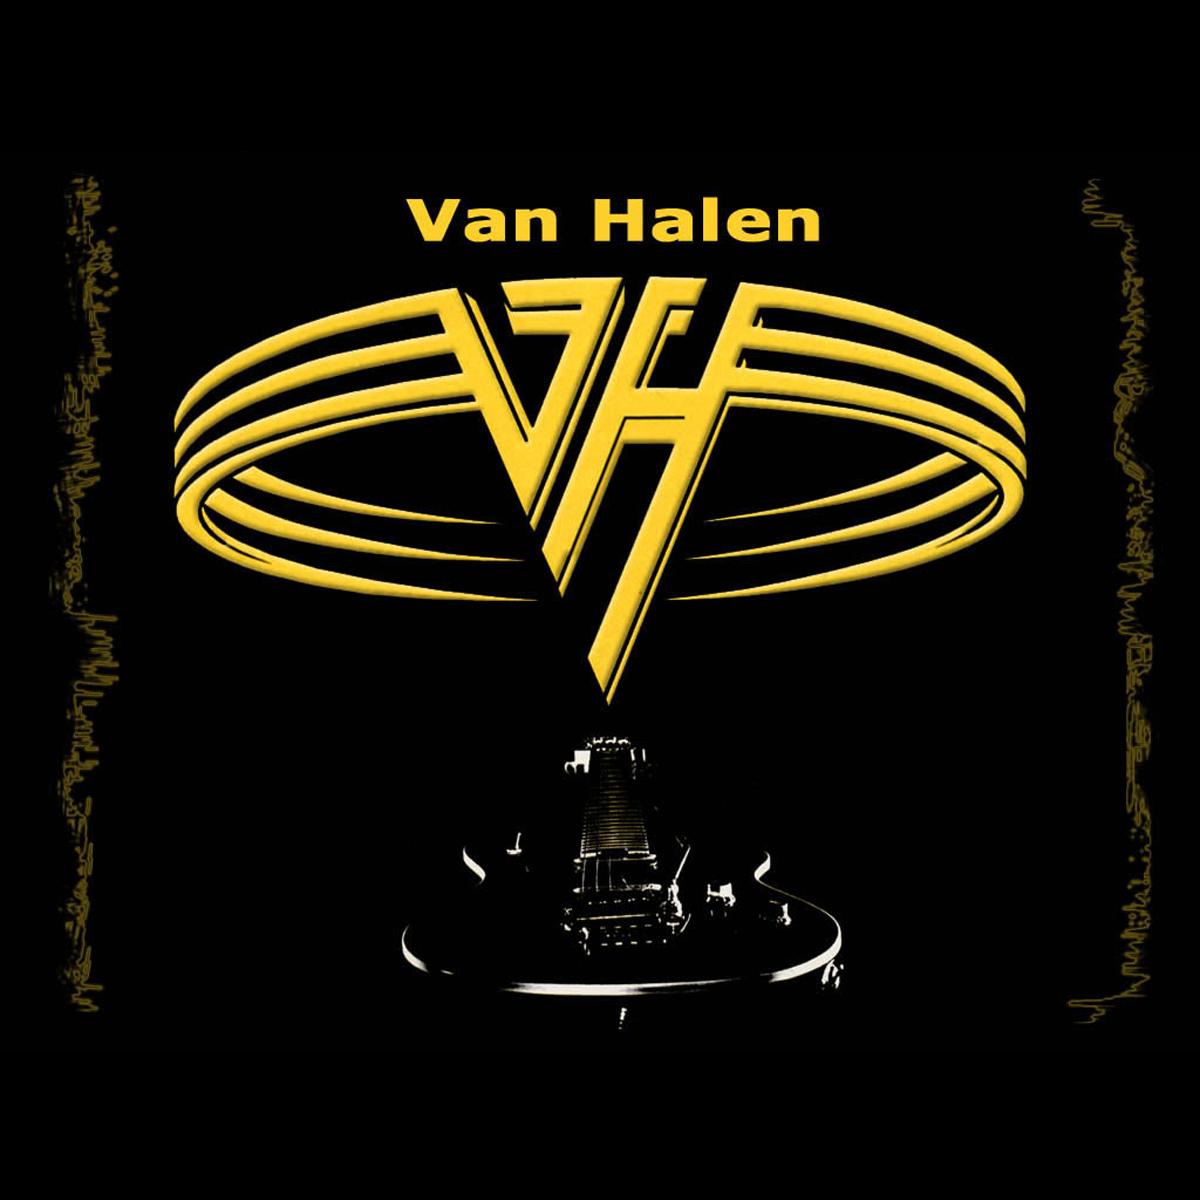 Van Halen Rock Band Posters Van Halen Music Album Covers